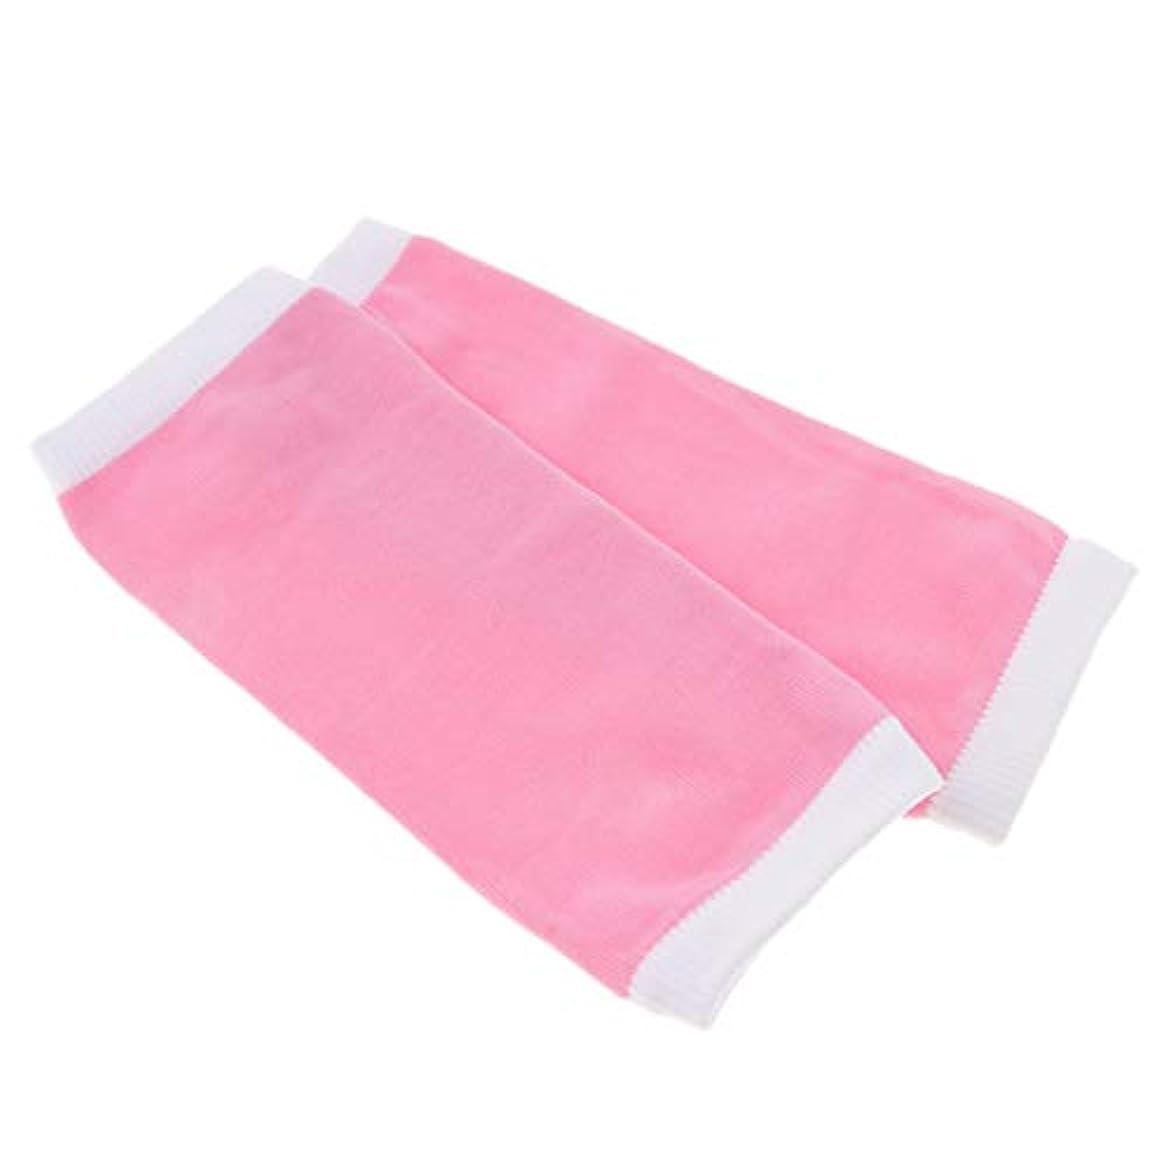 入り口刃エクスタシーT TOOYFUL 美容ソックス エッセンシャルオイル ソックス 保湿ソックス ゲル製 スキンケア 用品